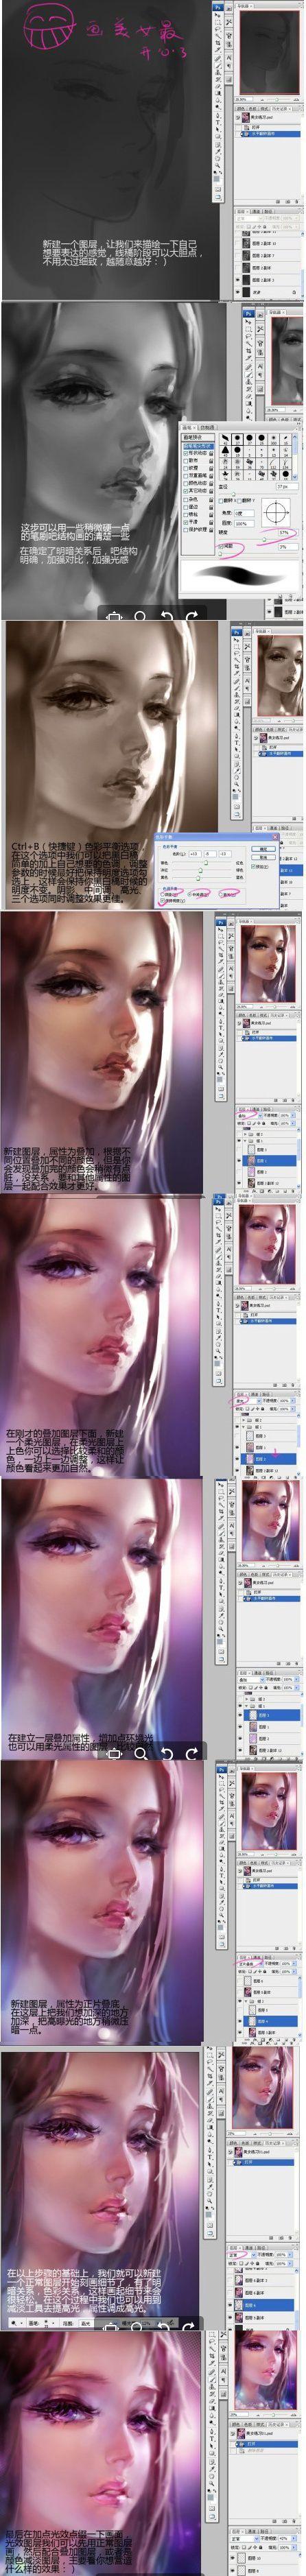 乃希采集到CG绘画教程(449图)_花瓣插画